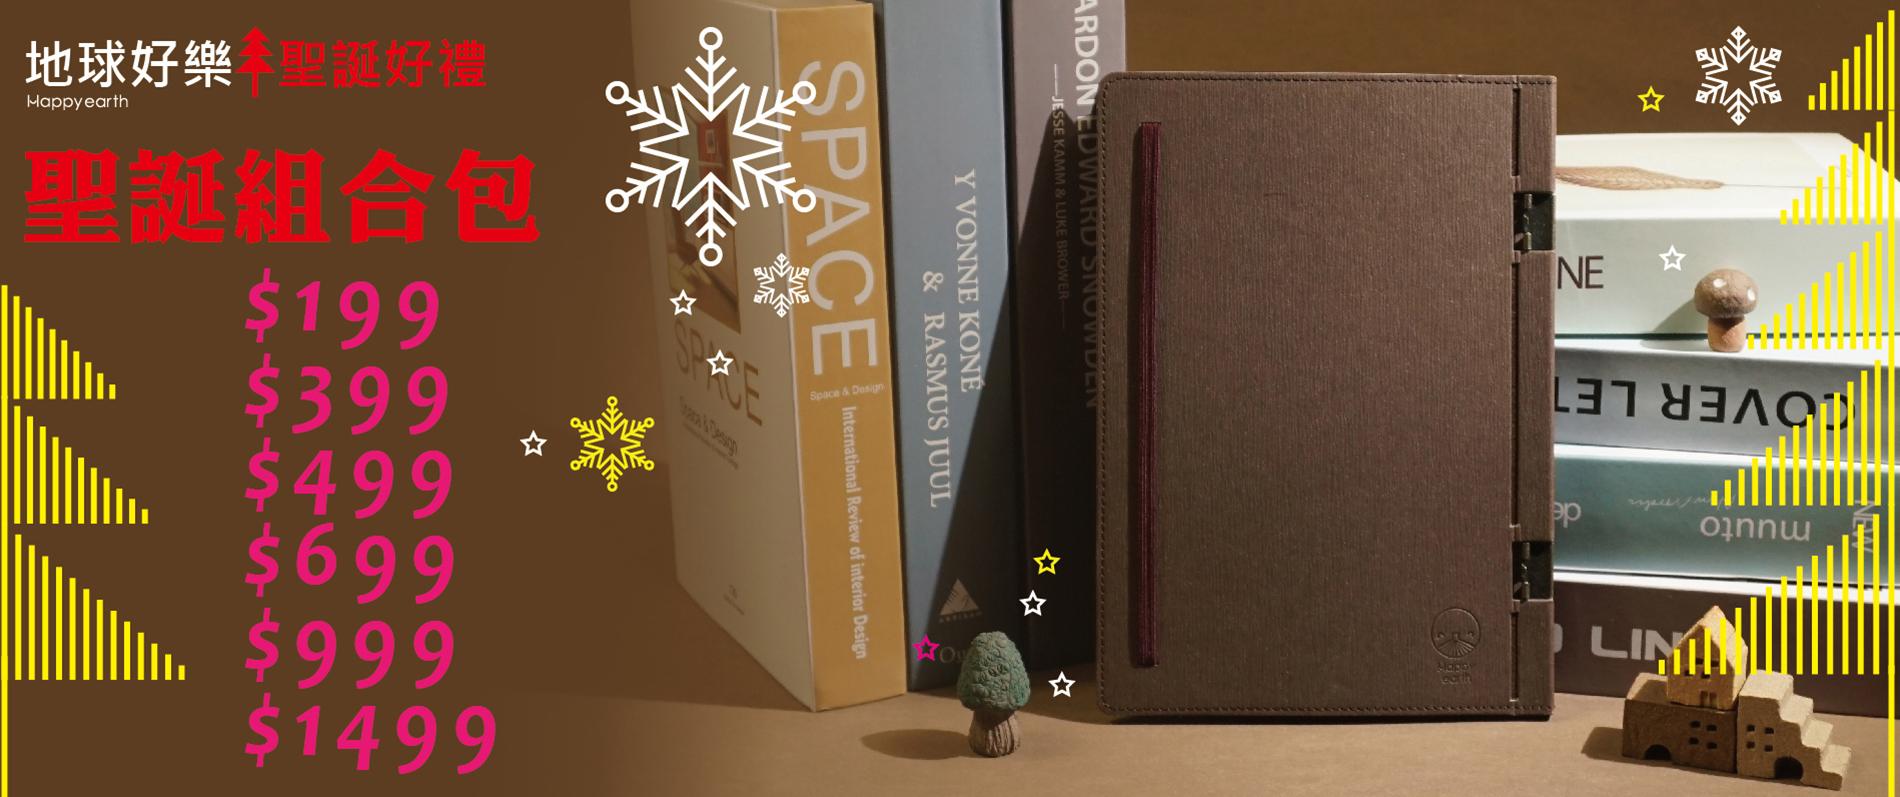 地球好樂 | 聖誕組合包